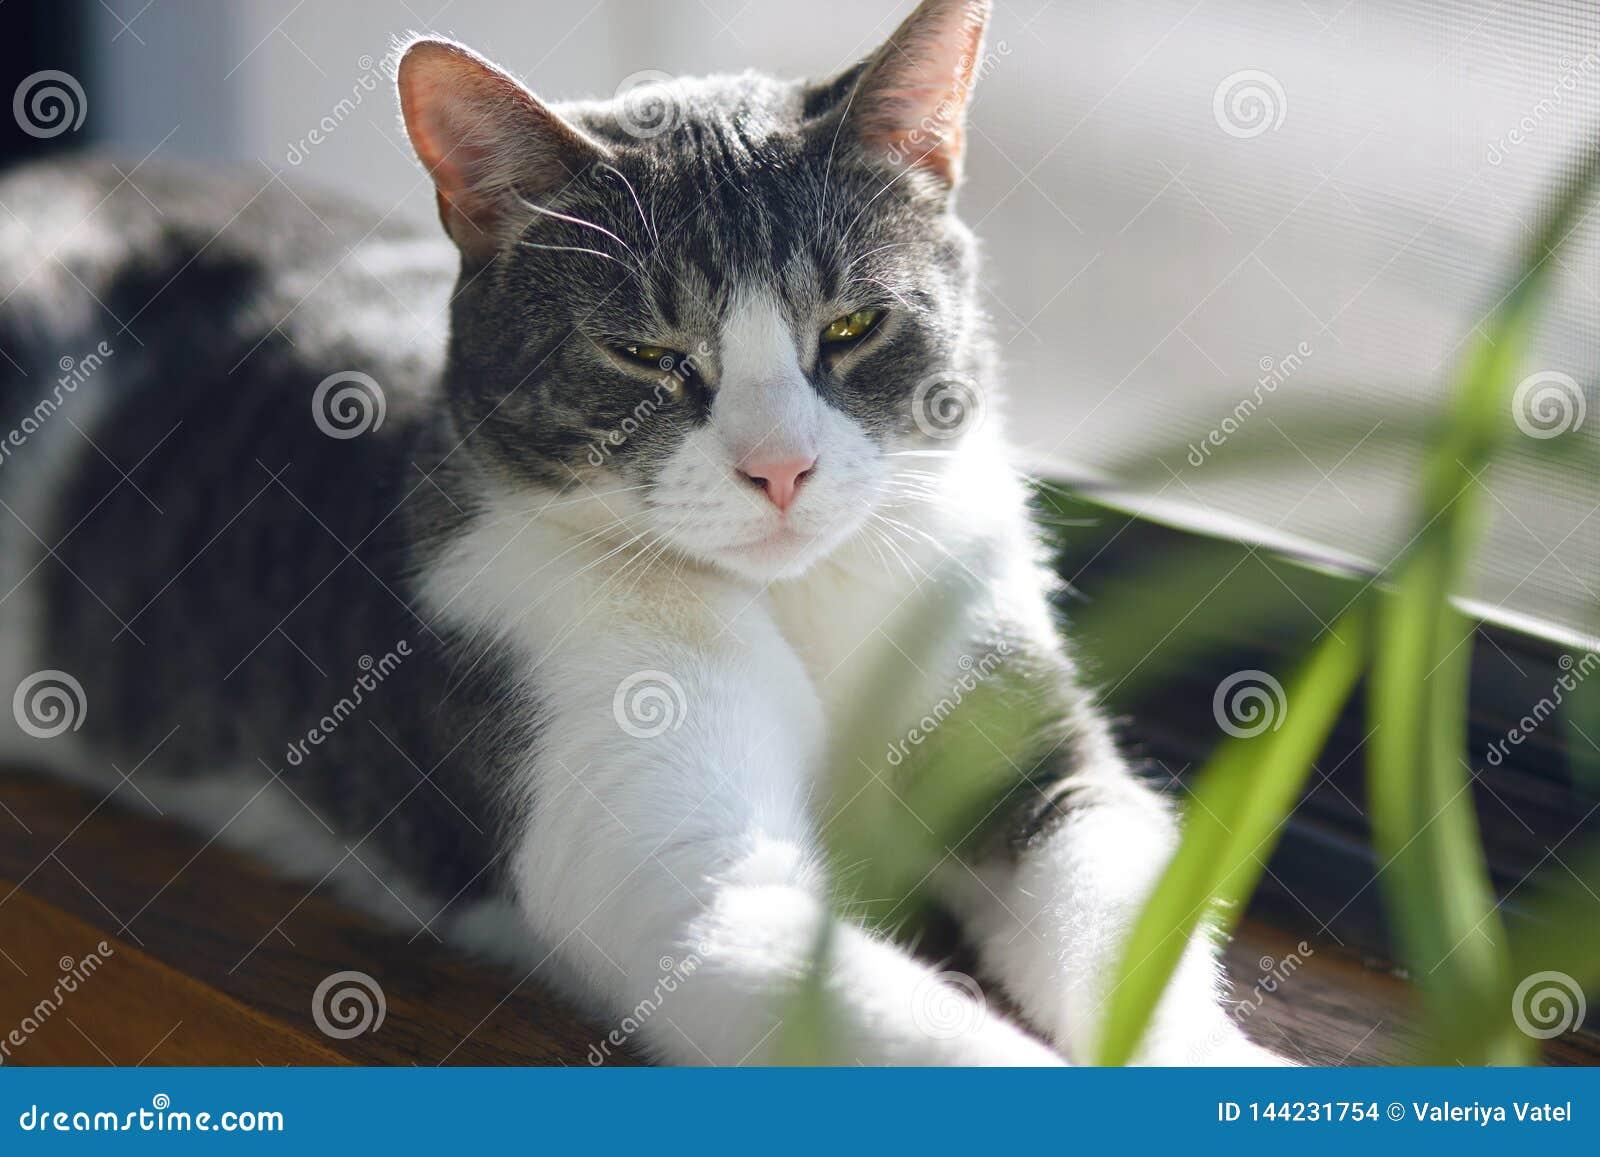 En härlig randig grå katt ligger på fönsterbrädan